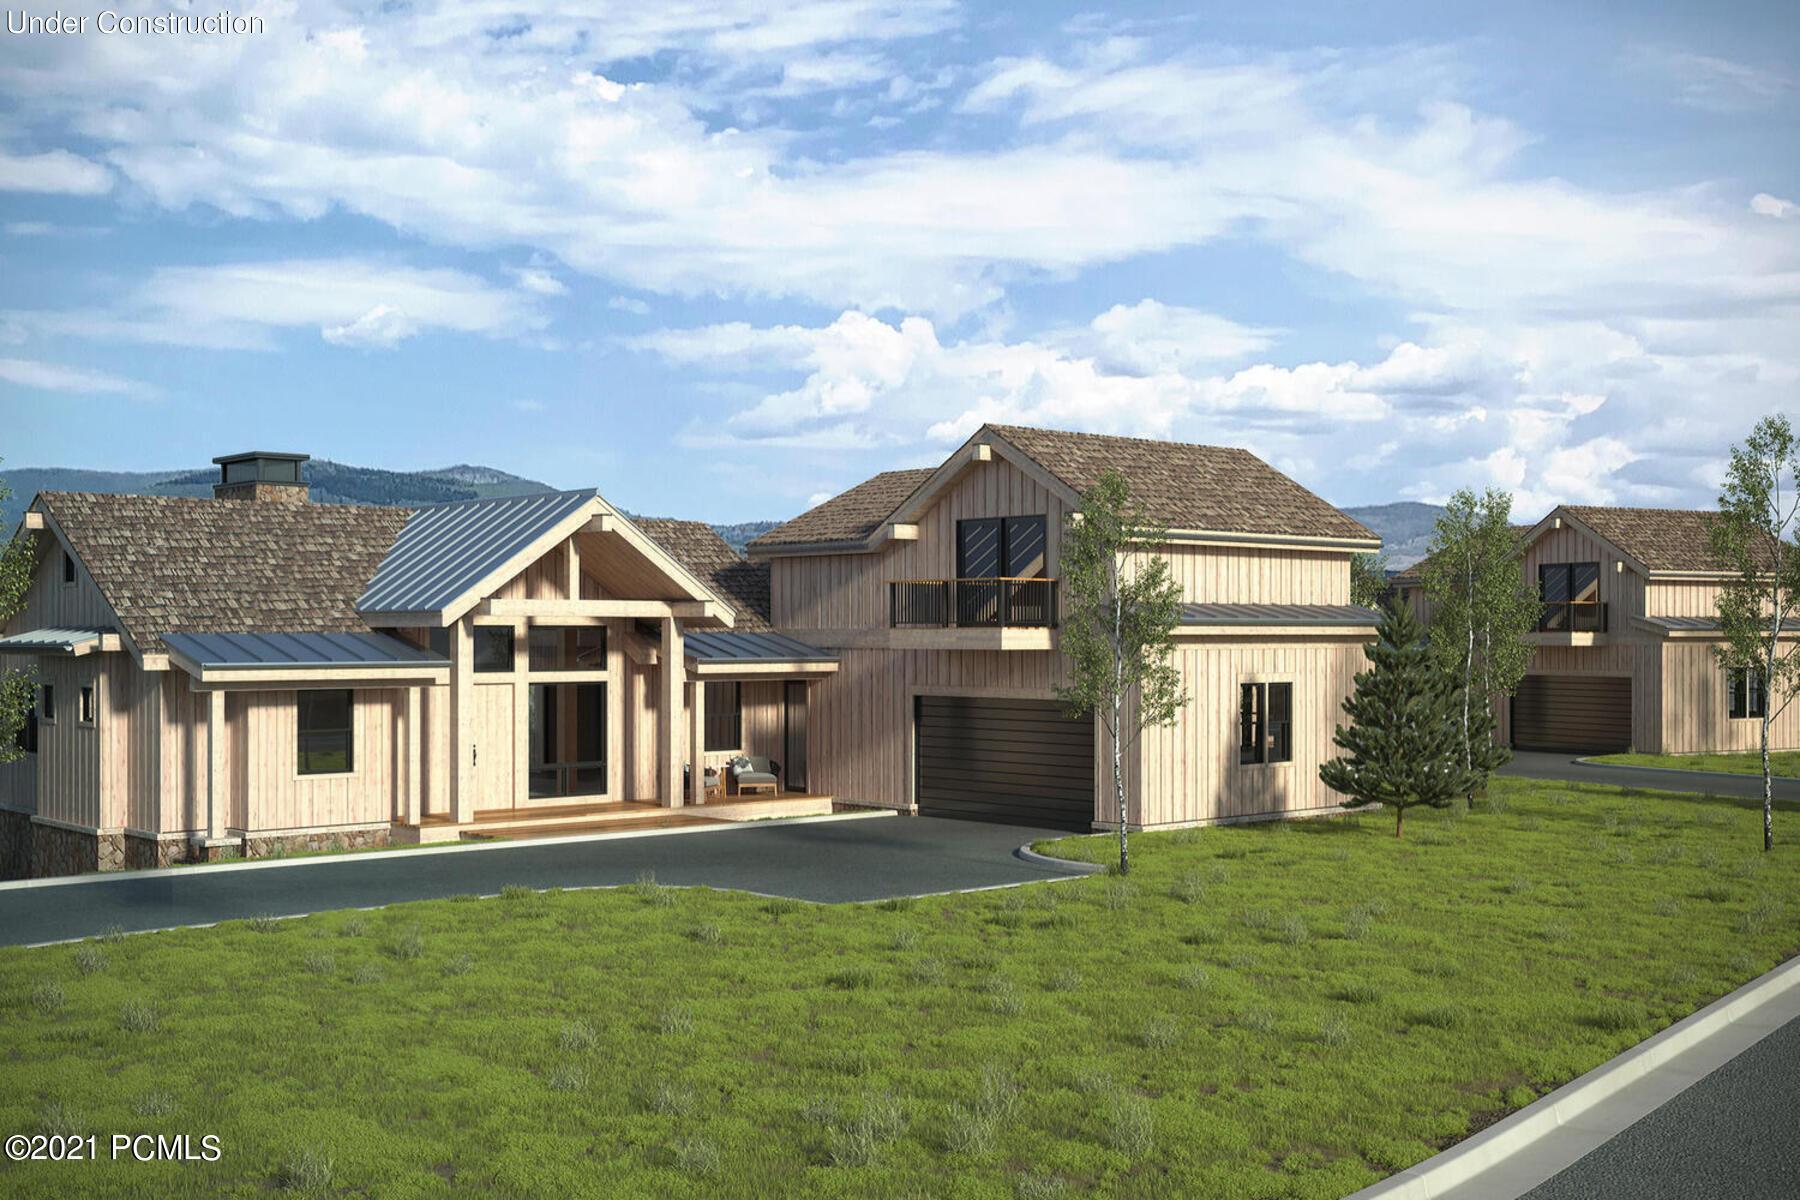 7559 Stardust Ct #318e, 5.5, Heber City, Utah 84032, 1 Bedroom Bedrooms, ,3 BathroomsBathrooms,Fractional Interest,For Sale,Stardust Ct #318e, 5.5,12101013